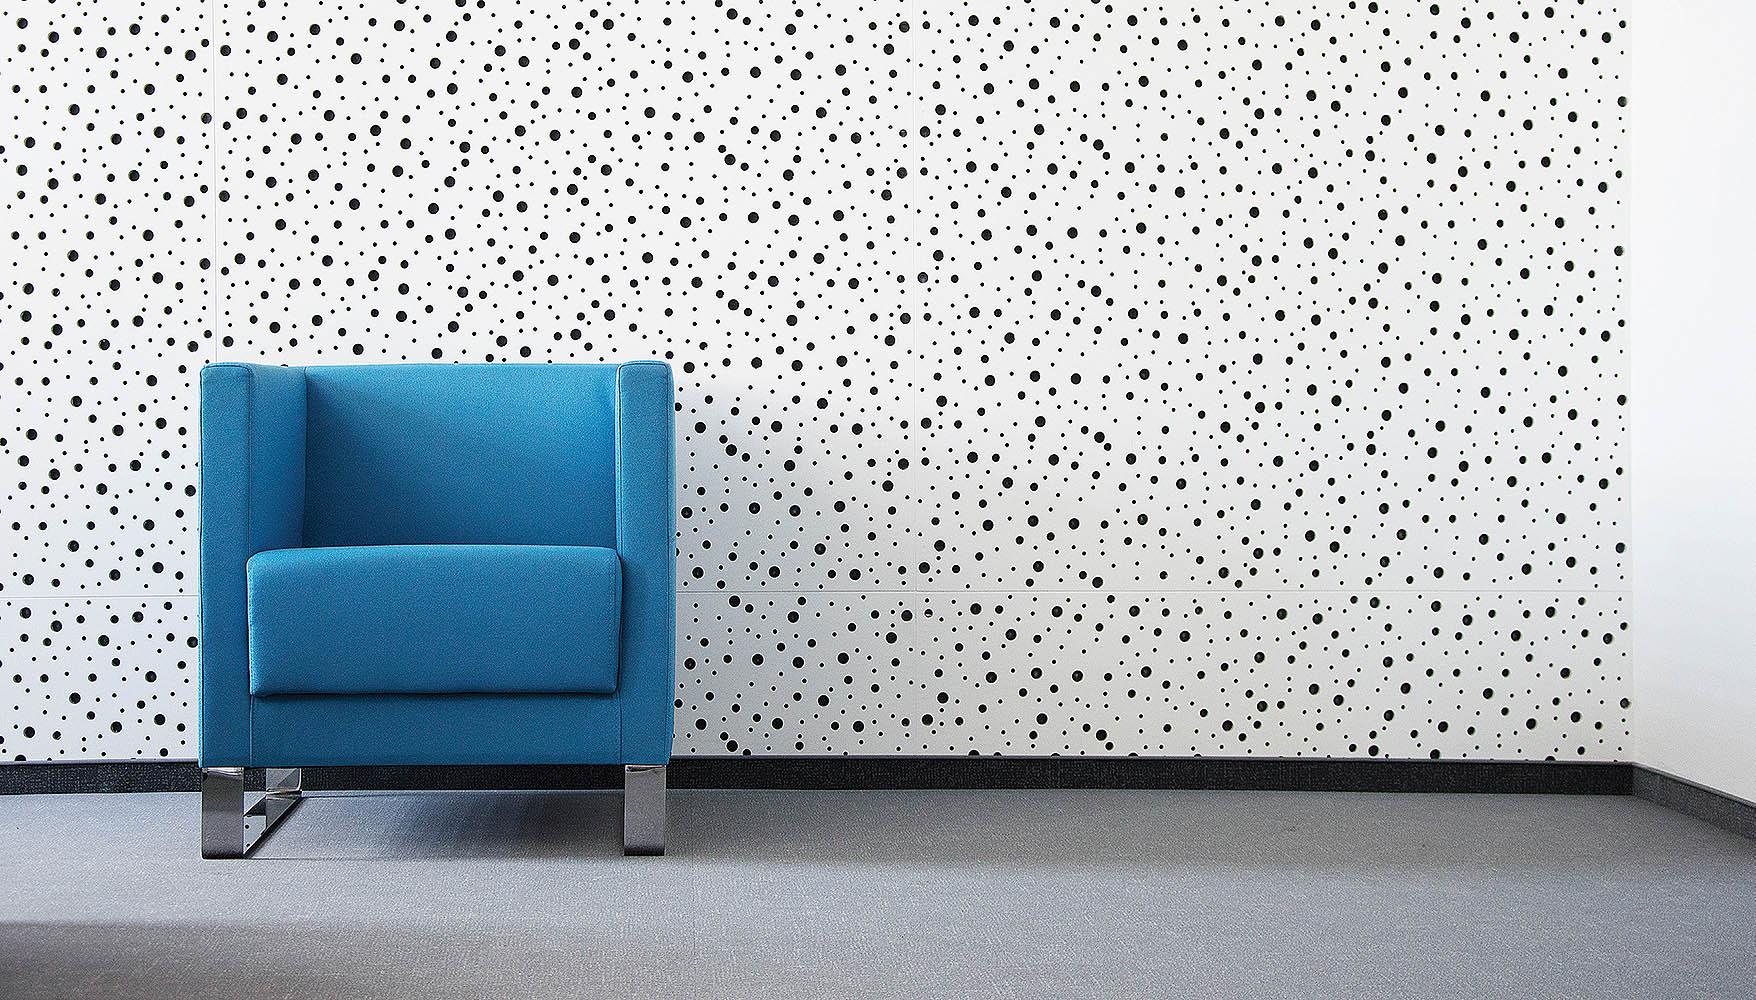 Rigitone – dźwiękochłonne płyty do ścian i sufitów © RIGIPS